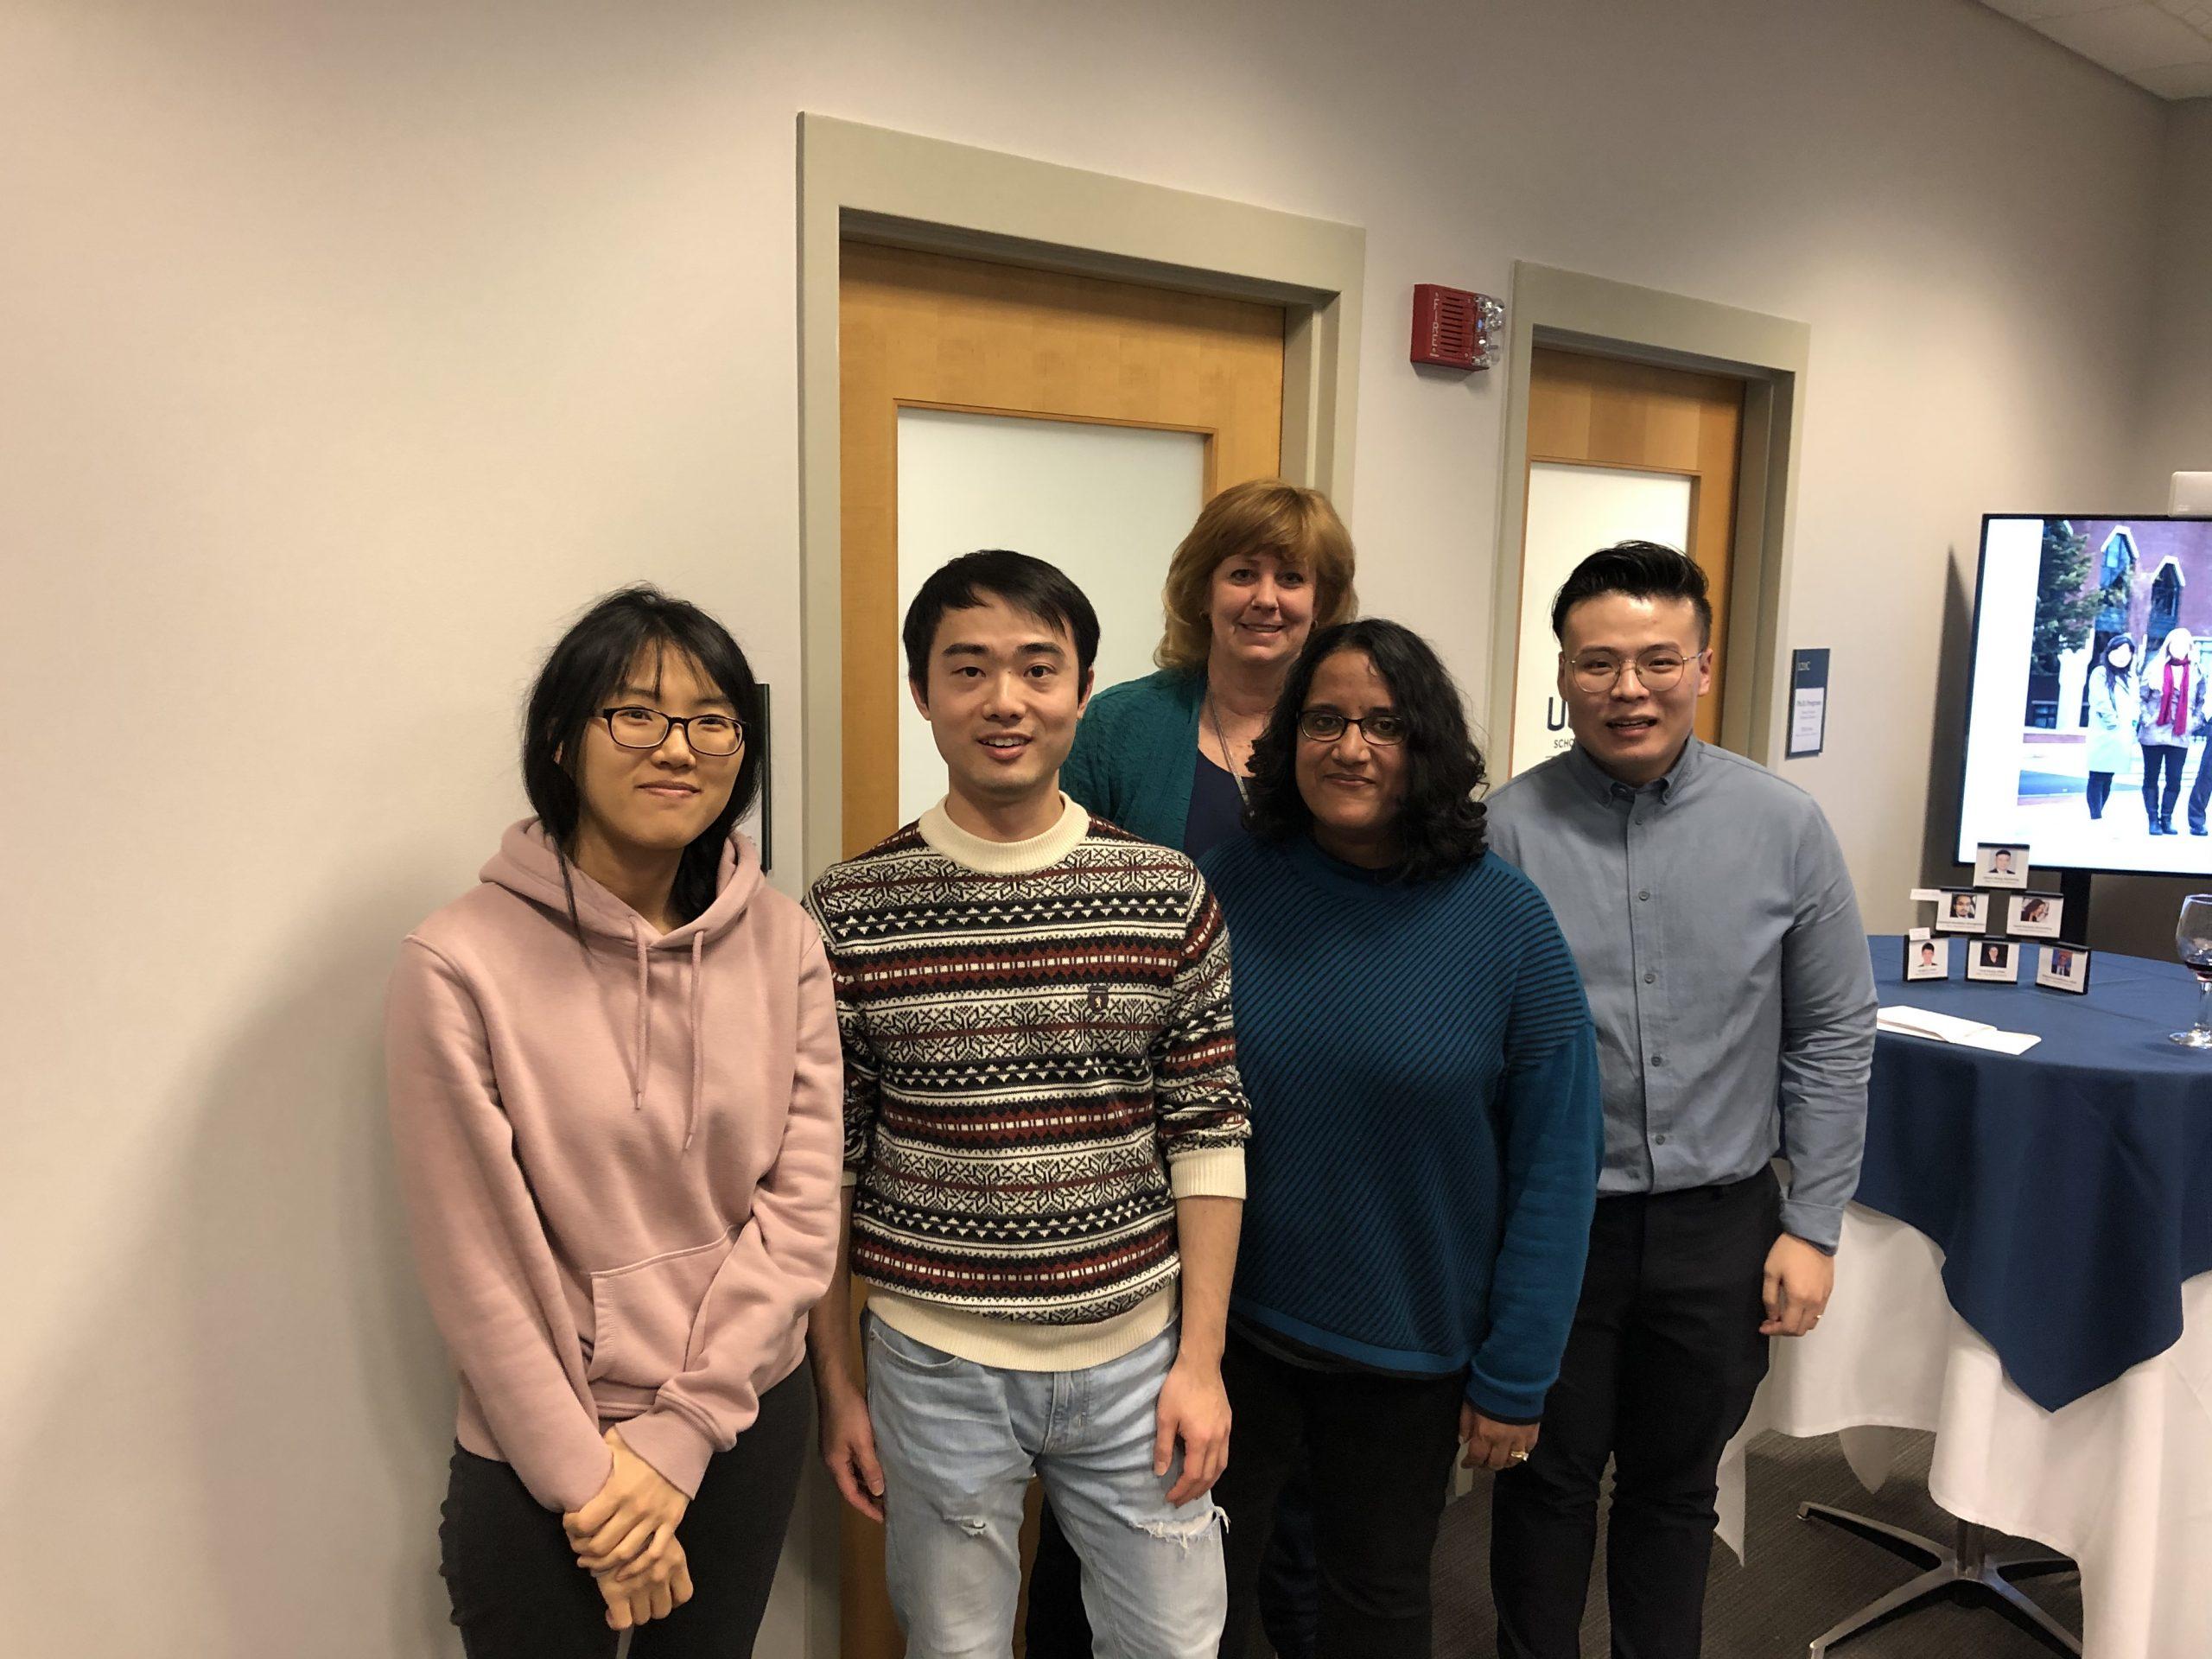 left to right: Youree Kim (ACCT), Zekun Wu (FNCE), Associate Dean Lucy Gilson, Dhvani Badwaik (MGMT), Qizhou Wang (MKTG)